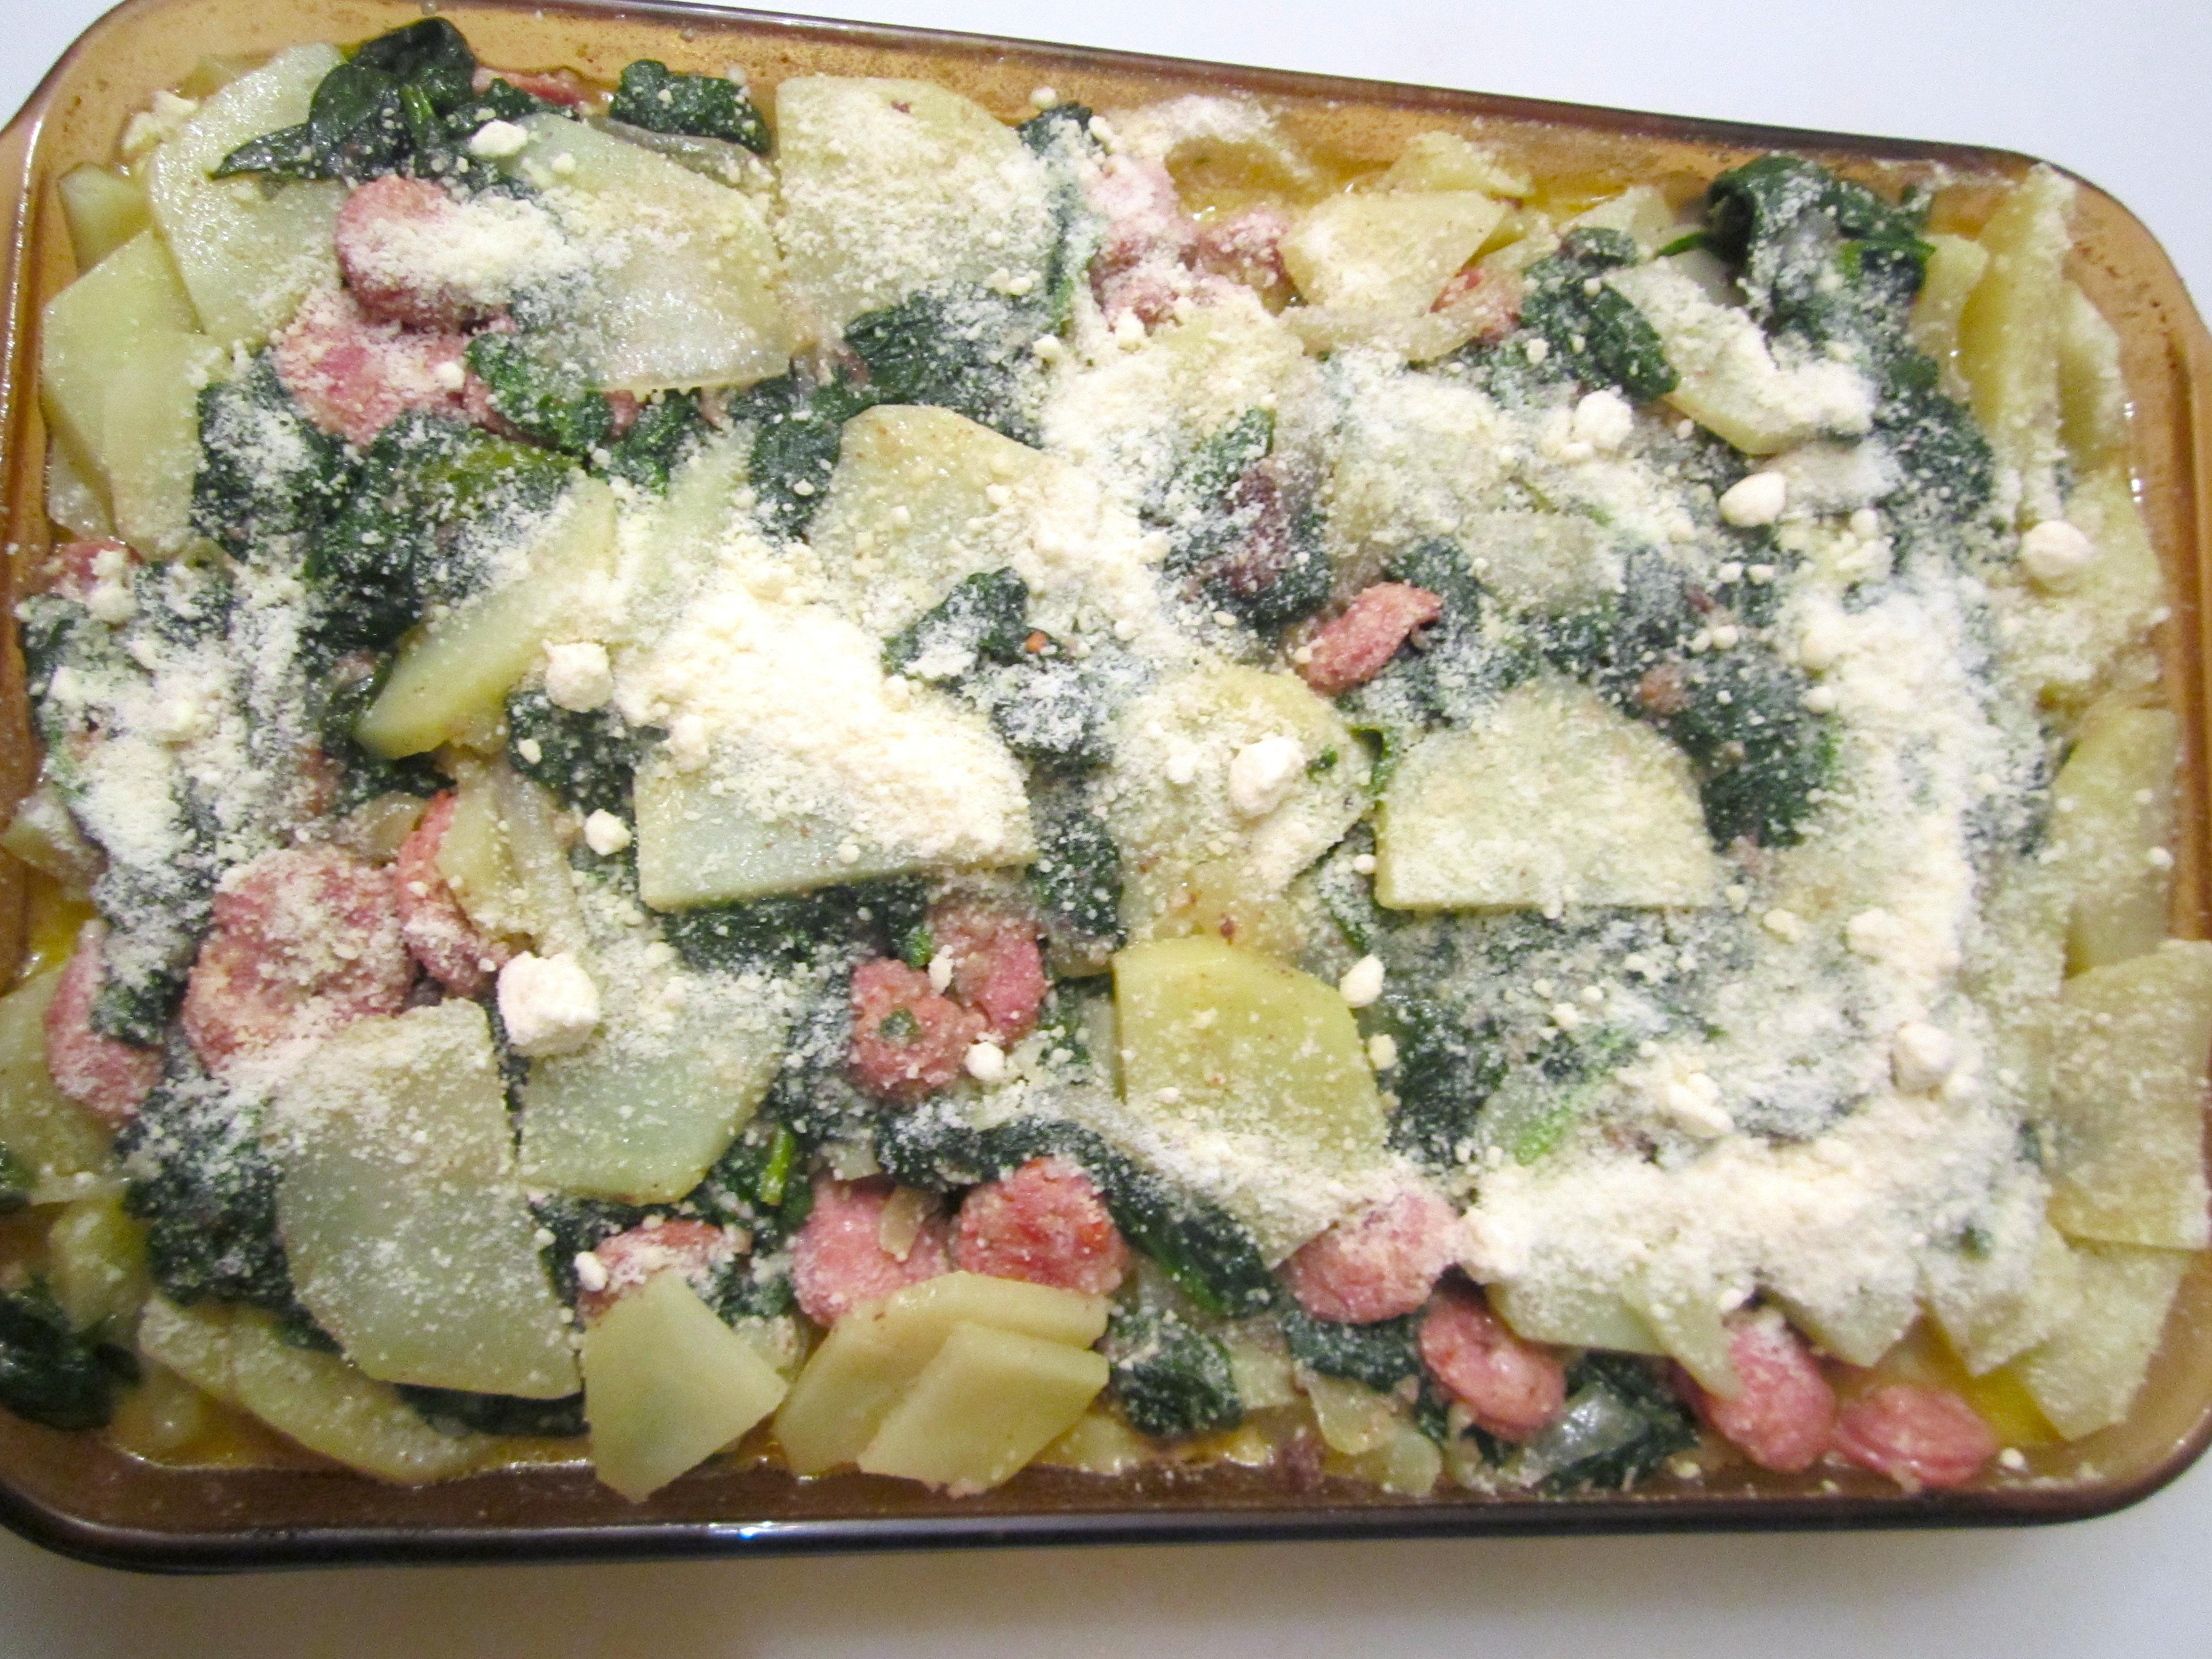 Spinach, Potato, Sausage & Cheese Casserole | ChefsOpinion